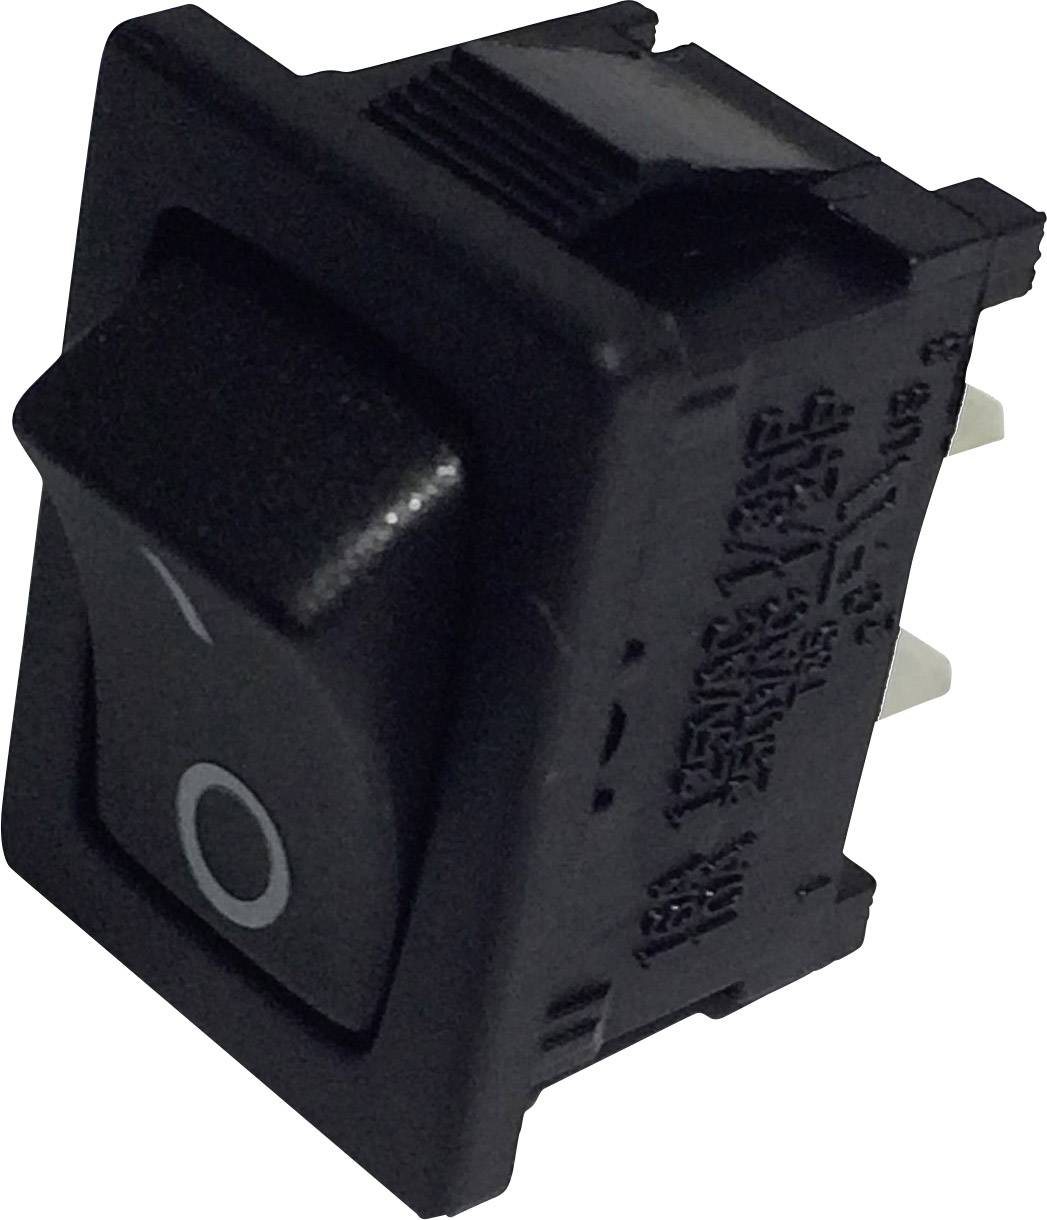 Kolébkový spínač SCI R13-66A-02 s aretací 250 V/AC, 6 A, 1x vyp/zap, černá, 1 ks